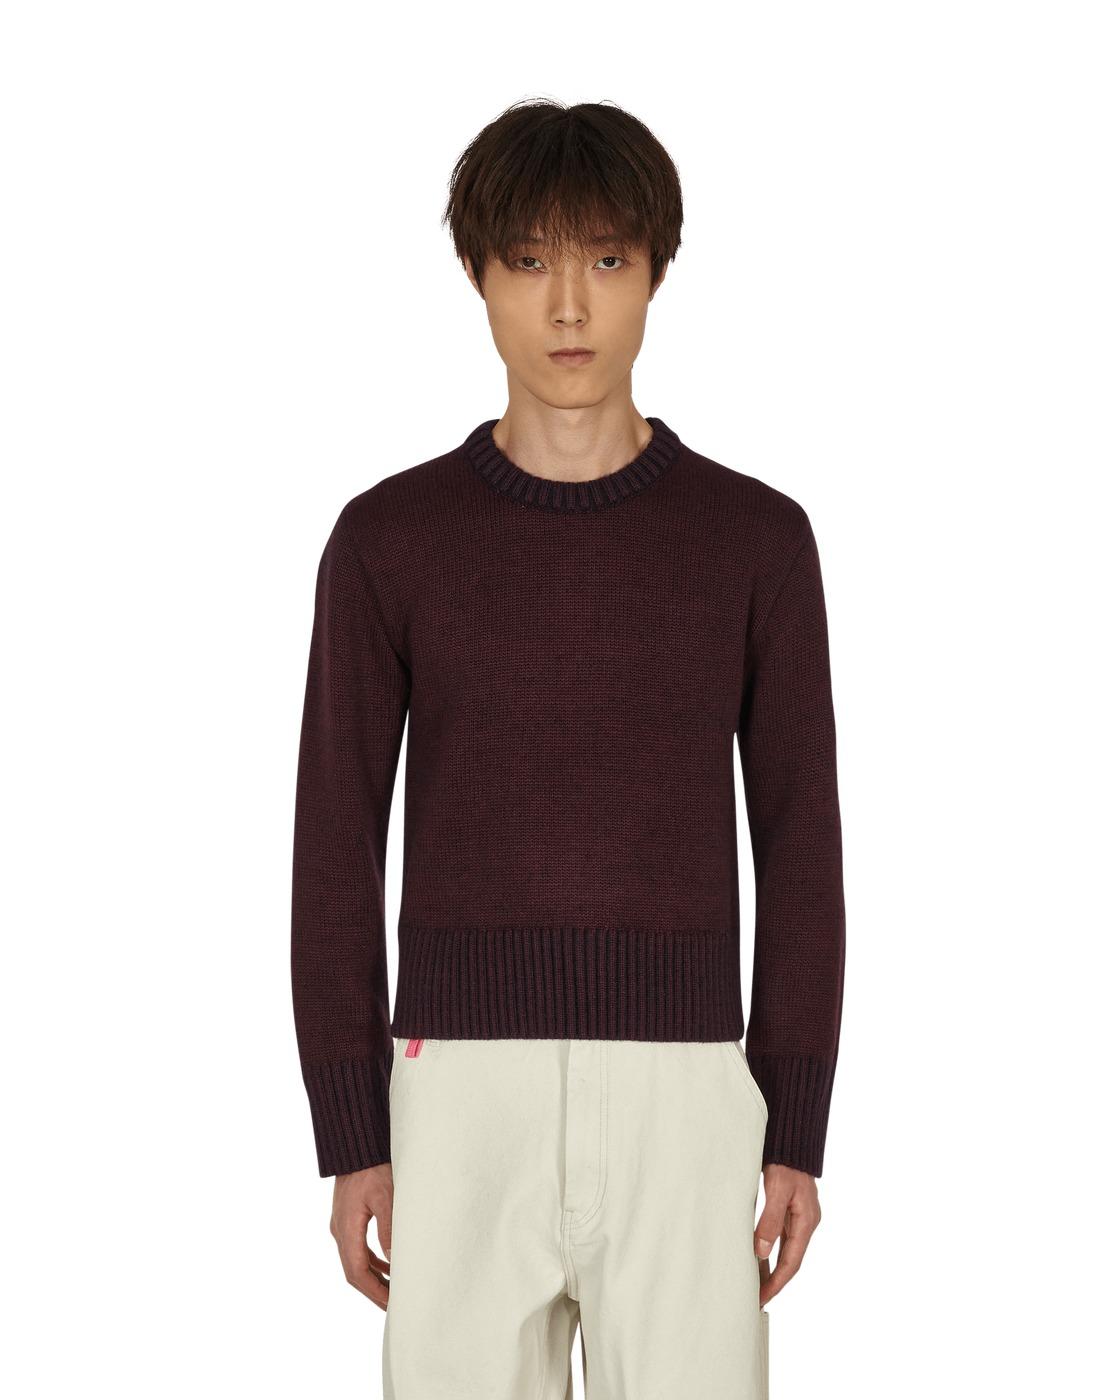 Photo: Maison Margiela Shrunken Crewneck Sweater Bordeaux